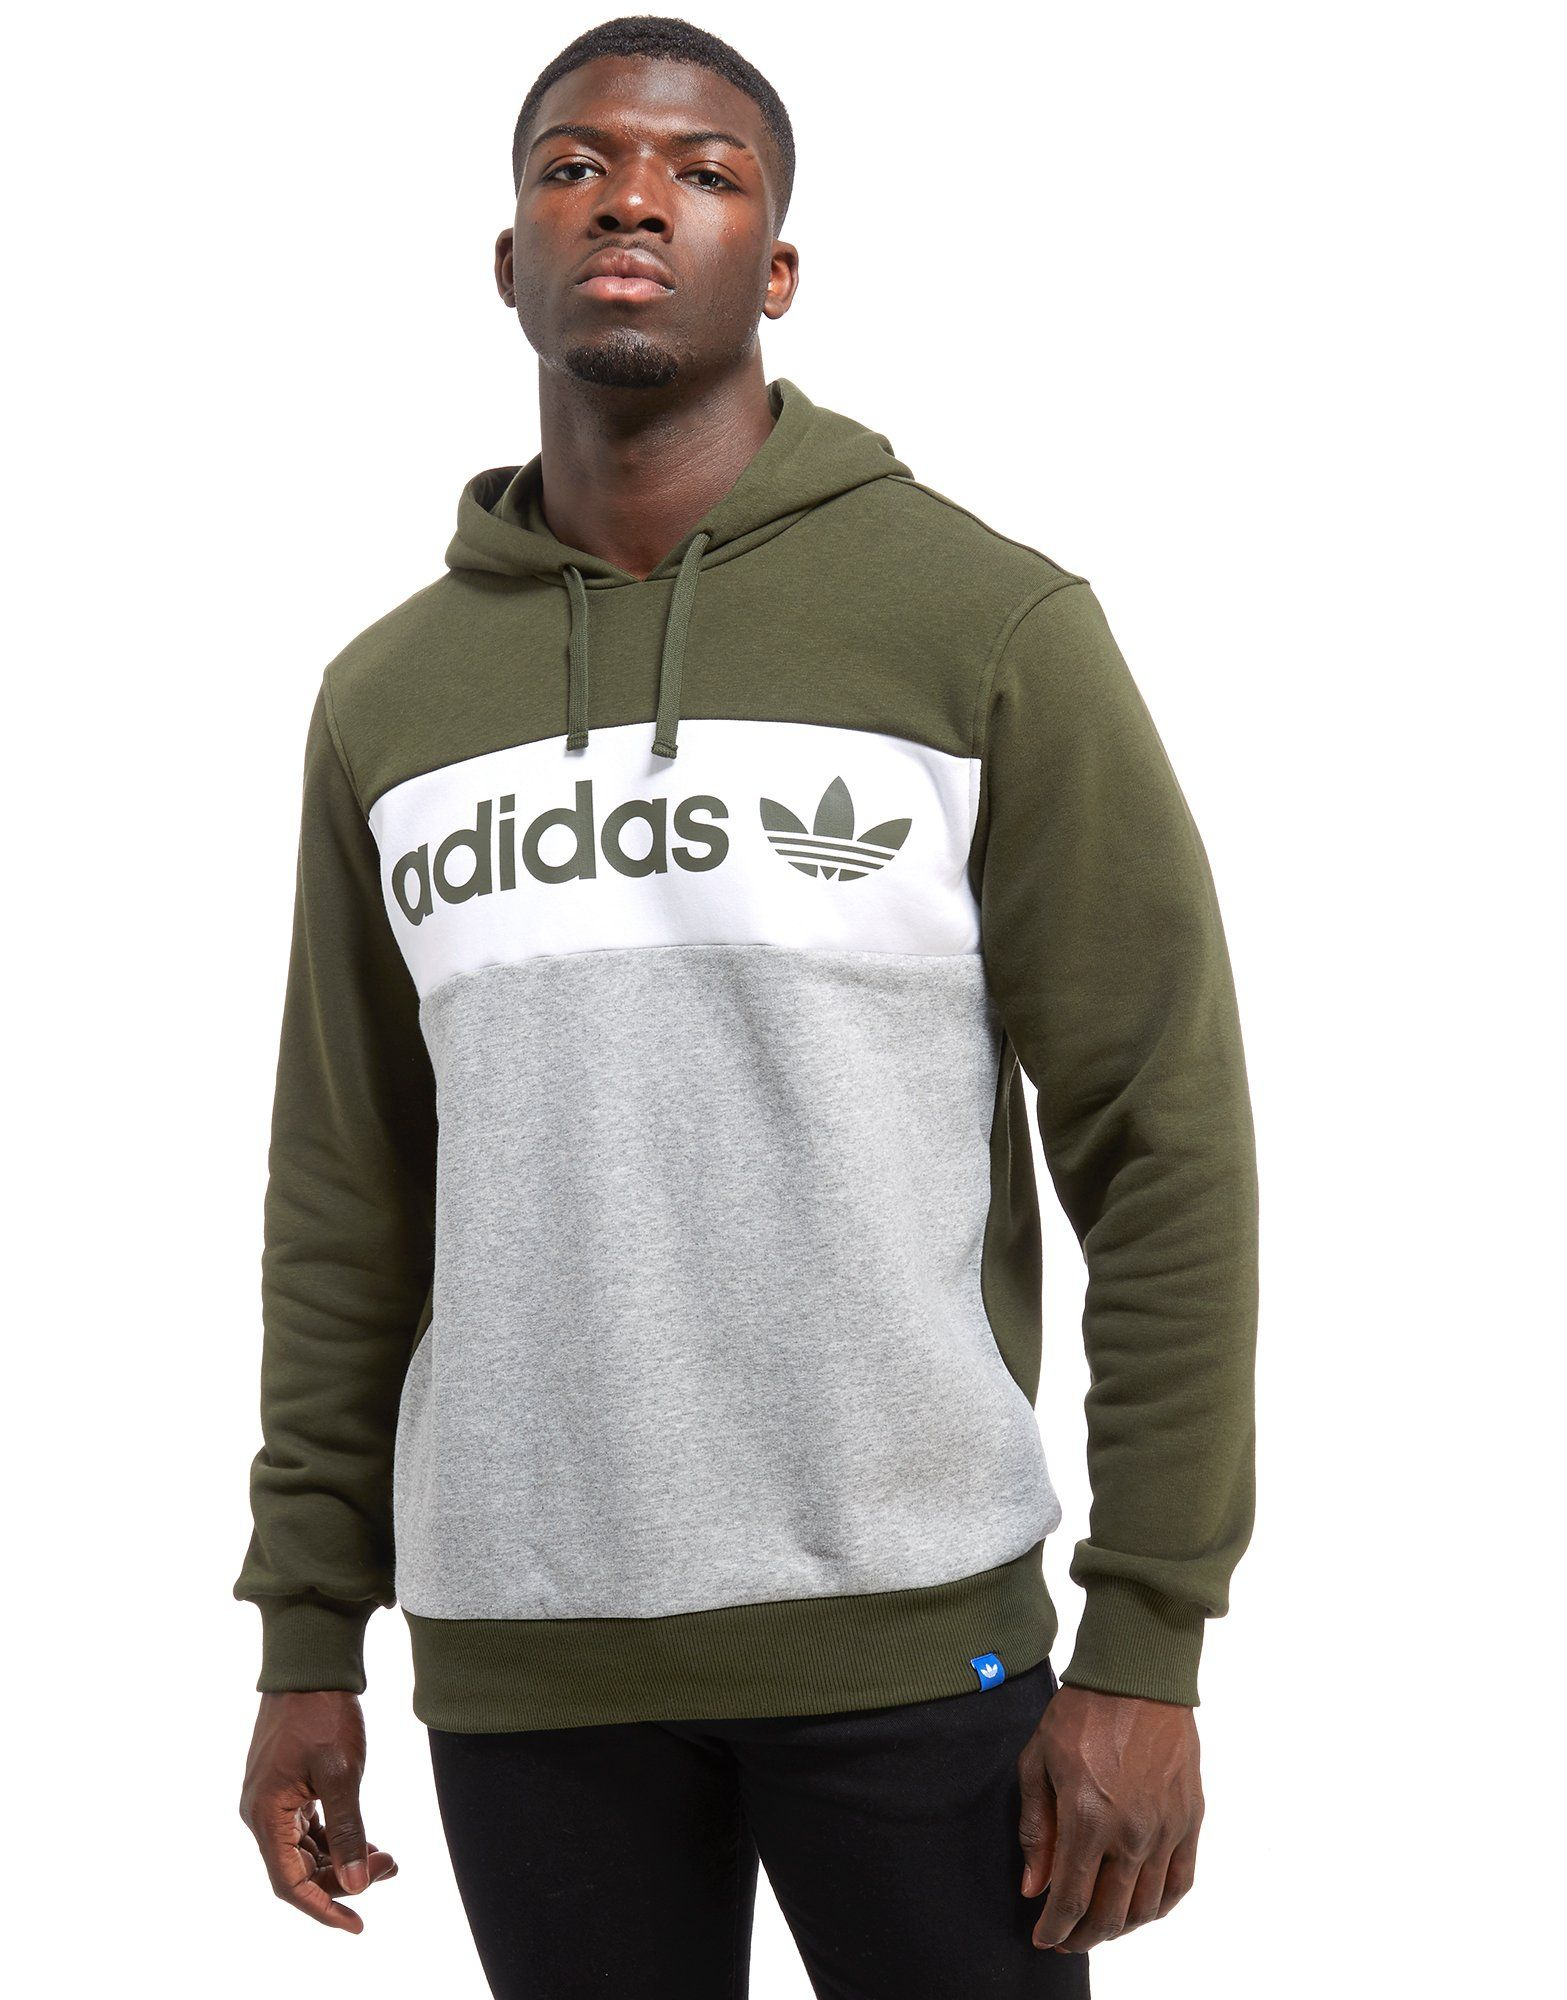 adidas original hoodie sale